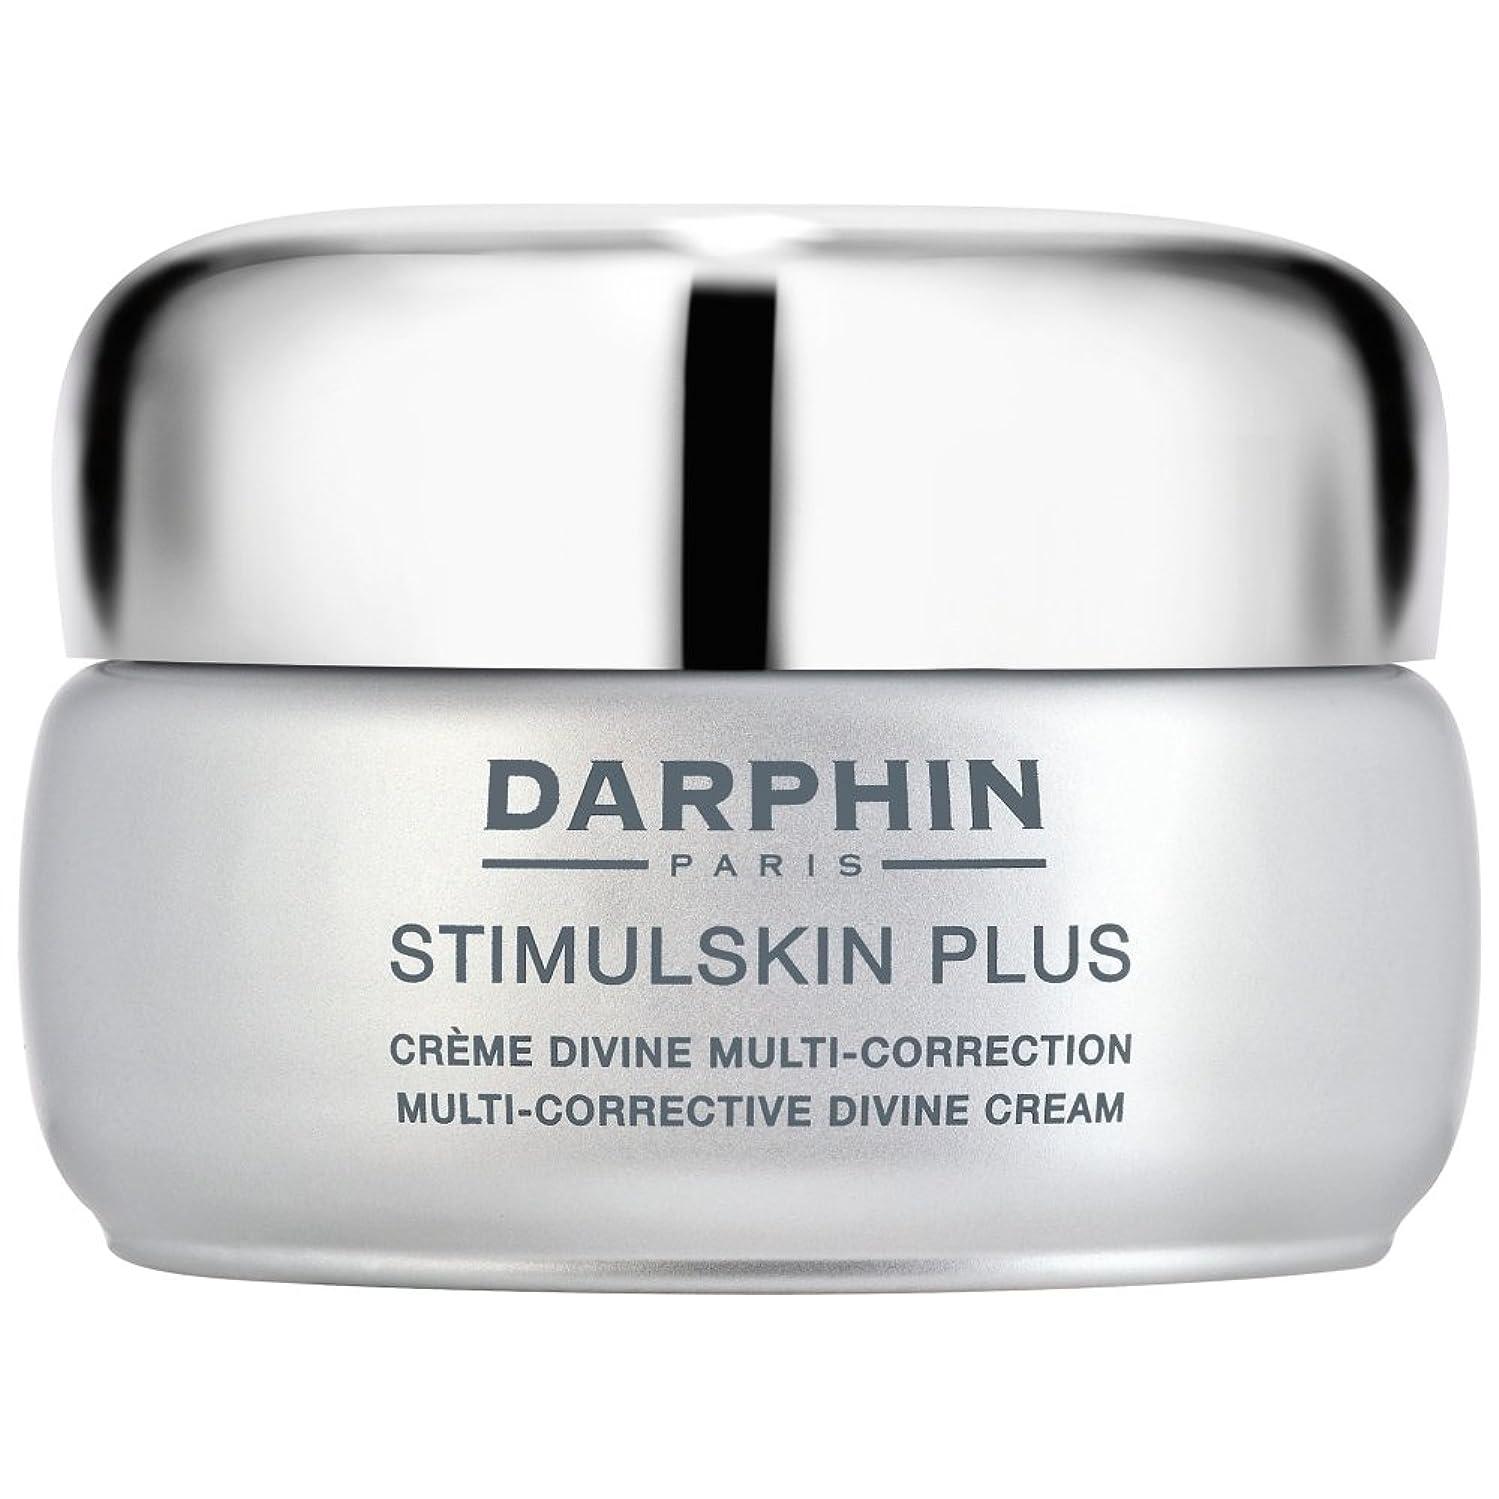 永久ひばり繕うスティプラスマルチ是正神のクリームダルファン、50ミリリットル (Darphin) - Darphin Stimulskin Plus Multi-Corrective Divine Cream, 50ml [並行輸入品]